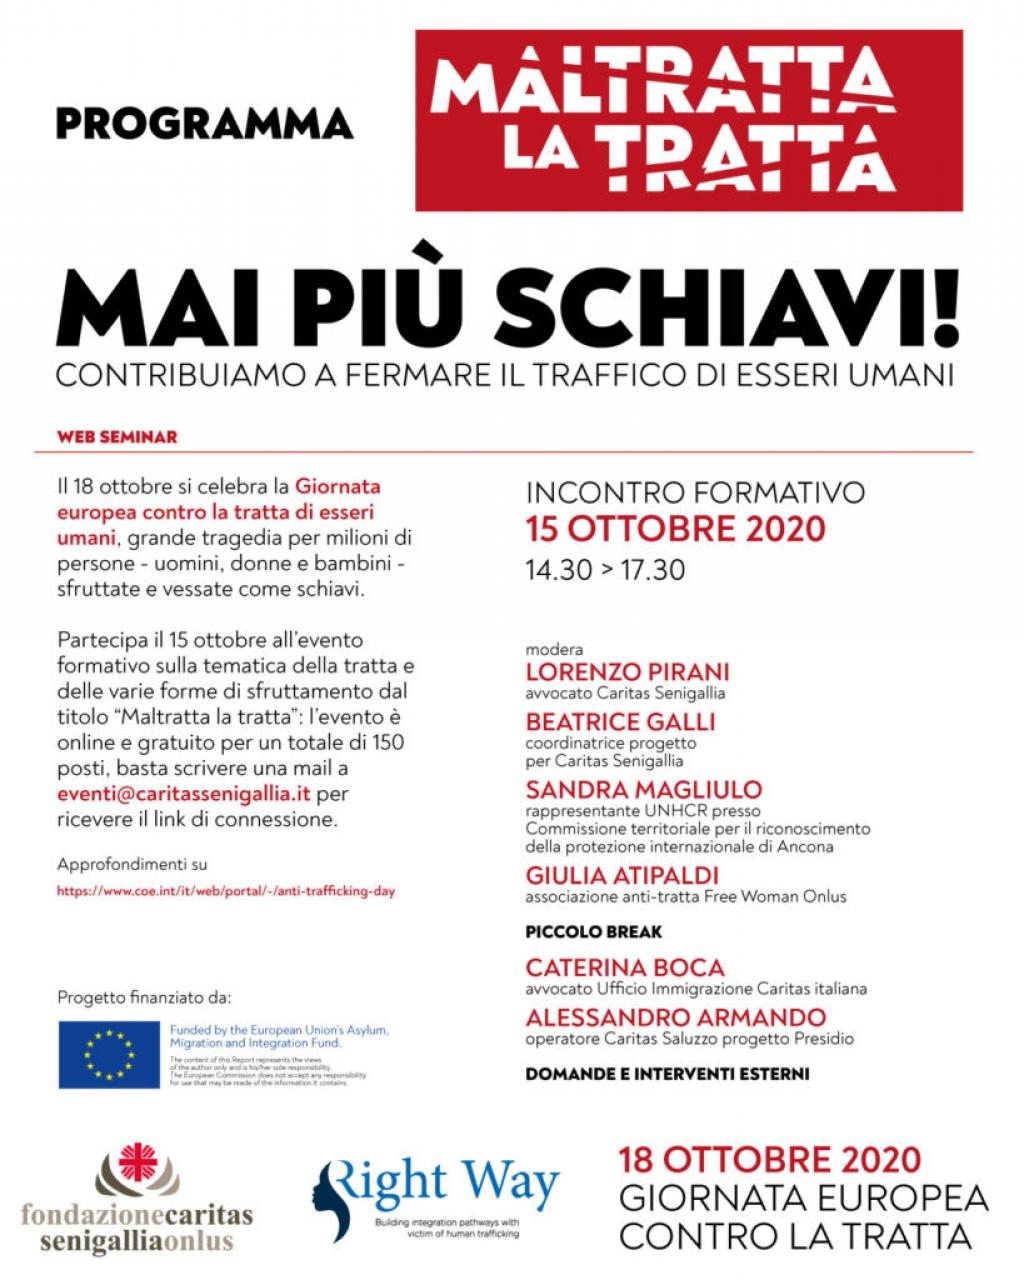 La Giornata europea contro la tratta di esseri umani